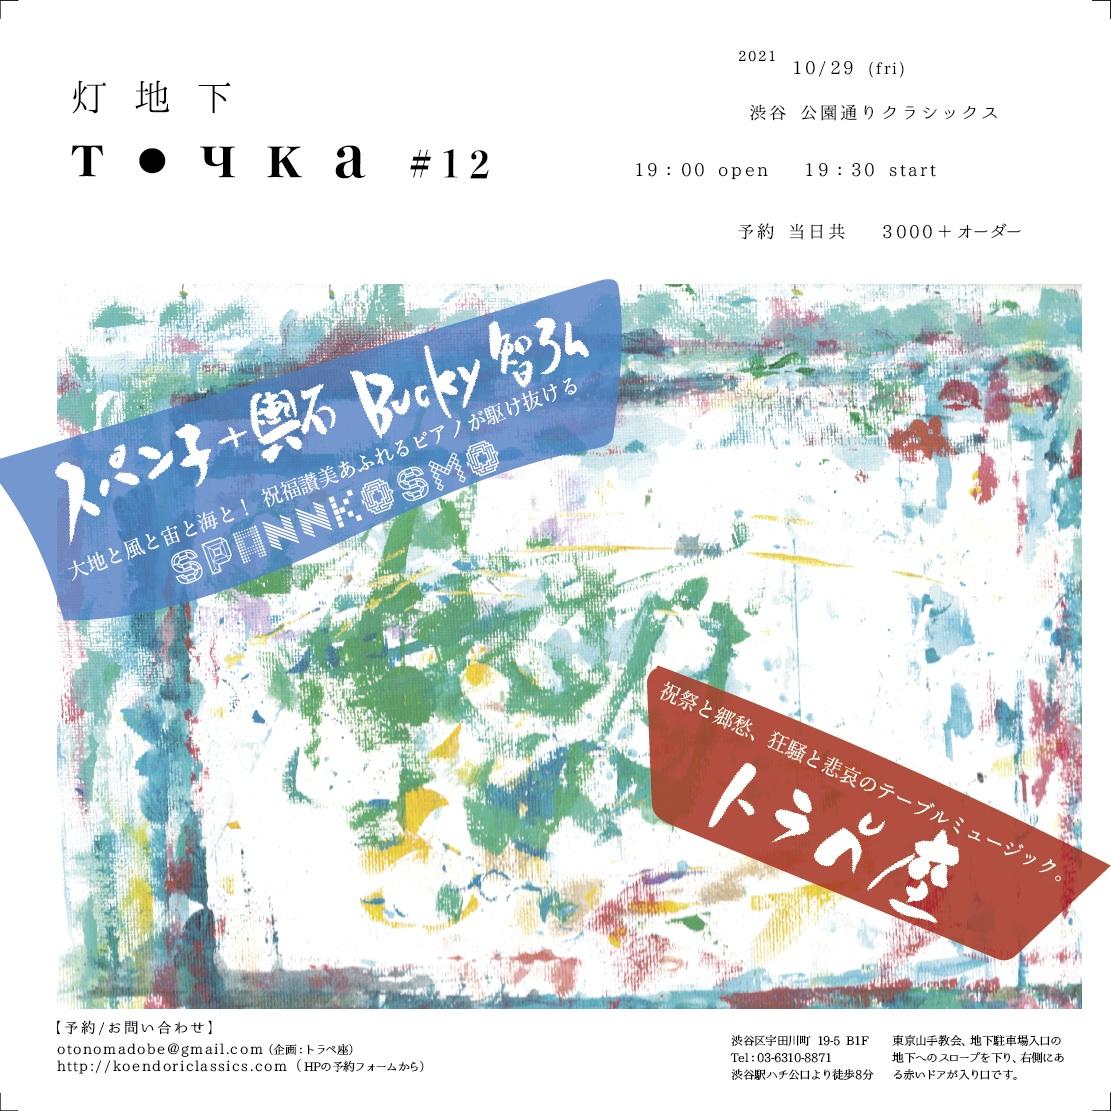 トラペ座 presents 定例企画【 灯地下 т●чка vol.12 】